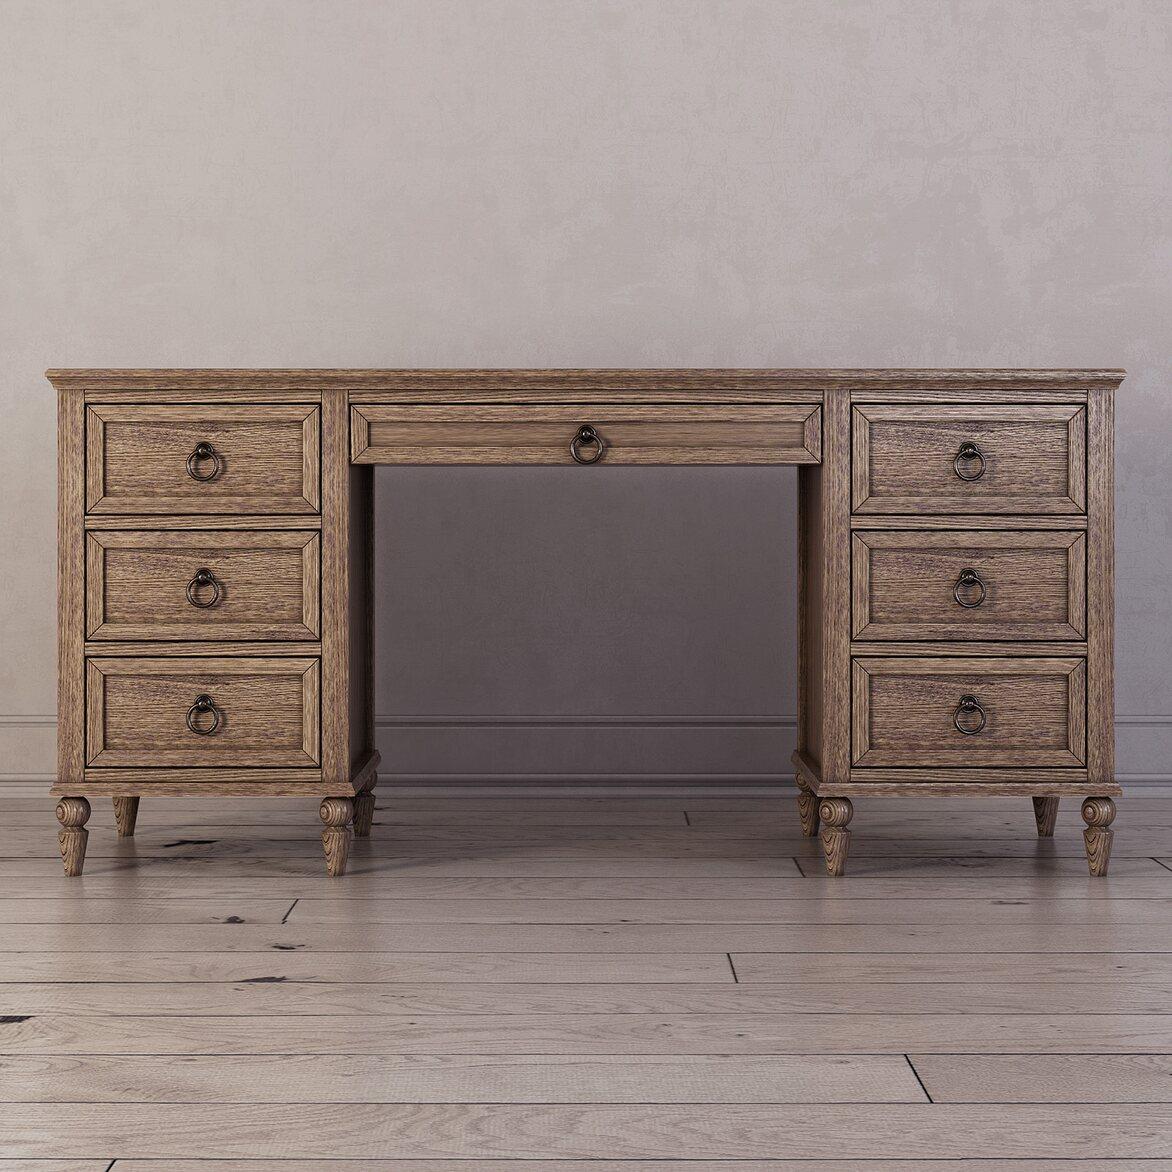 Письменный стол с ящиками Vilton, дуб | Письменные столы Kingsby